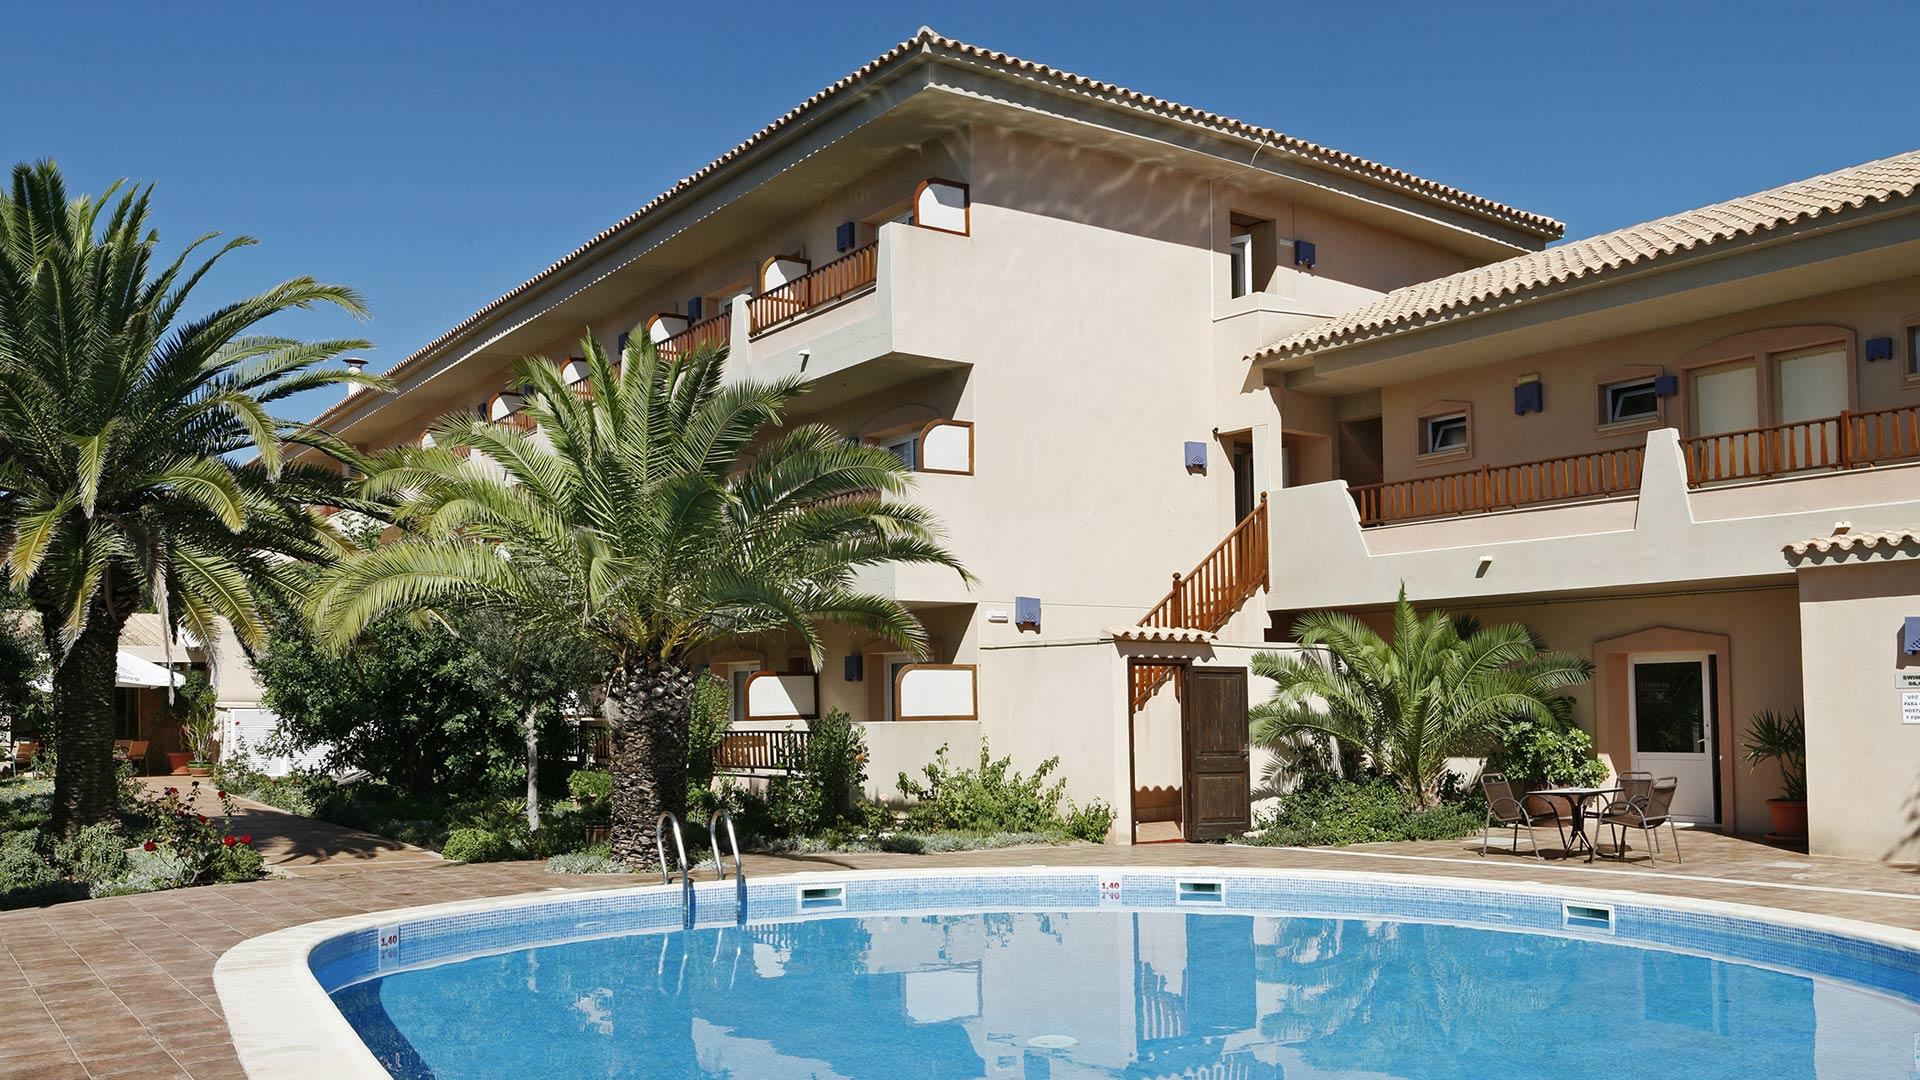 Offerte del nostro hotel a formentera hotel voramar - Soggiorno a formentera ...